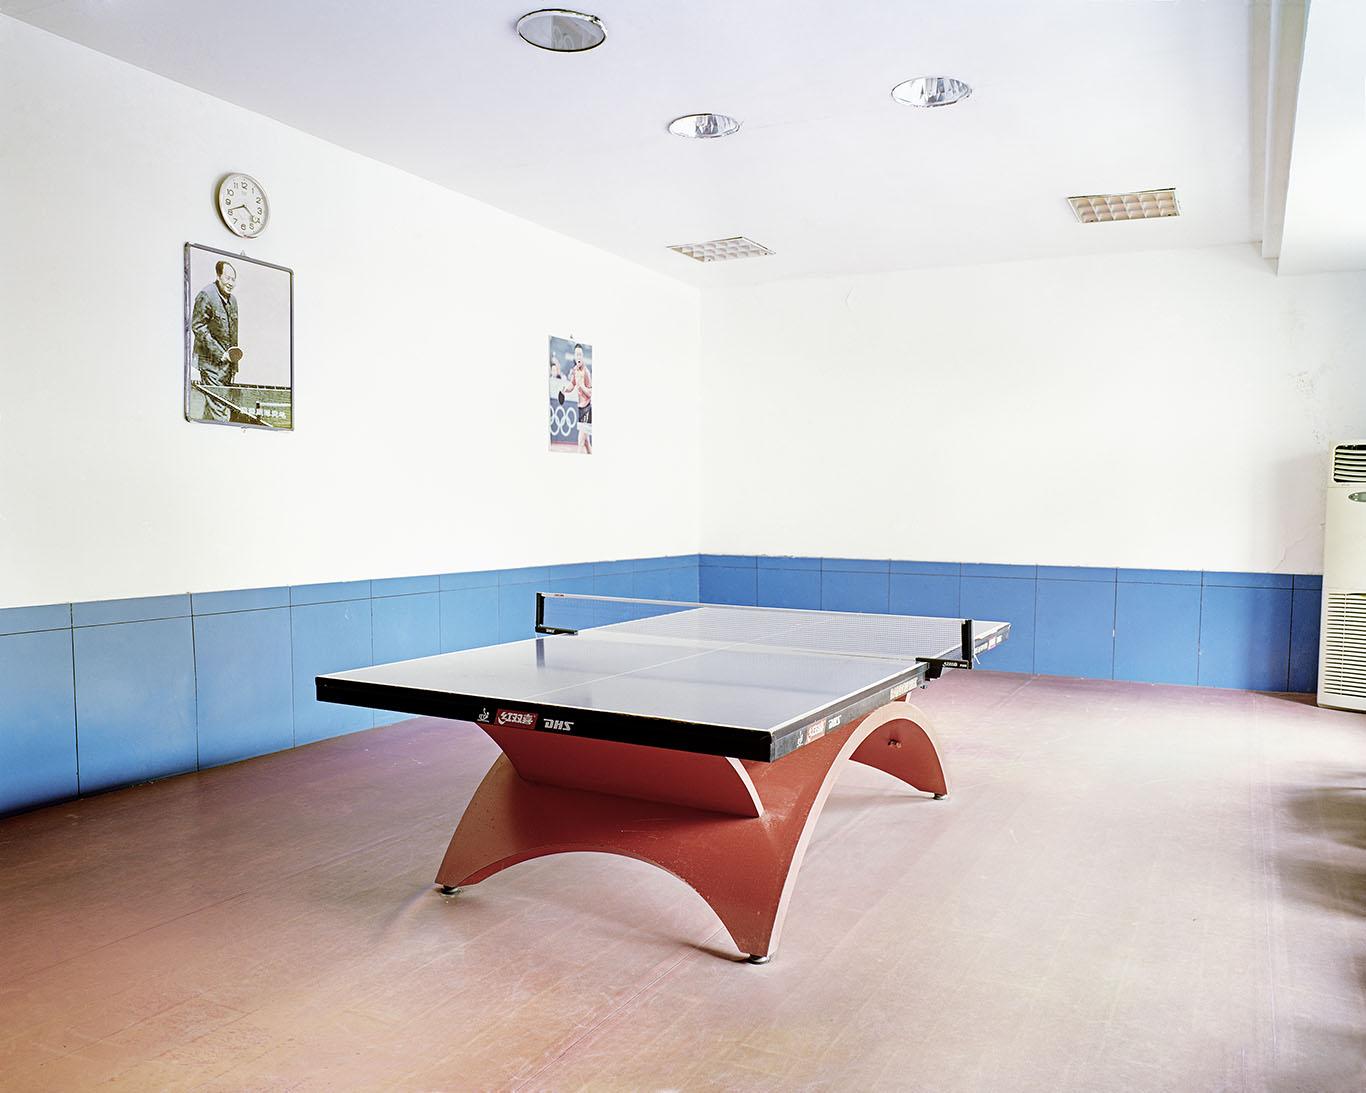 唐晶,《洪山体育馆》,2017年。泛太克纯棉硫化钡艺术微喷,180cm x 235cm。图片由艺术家提供。